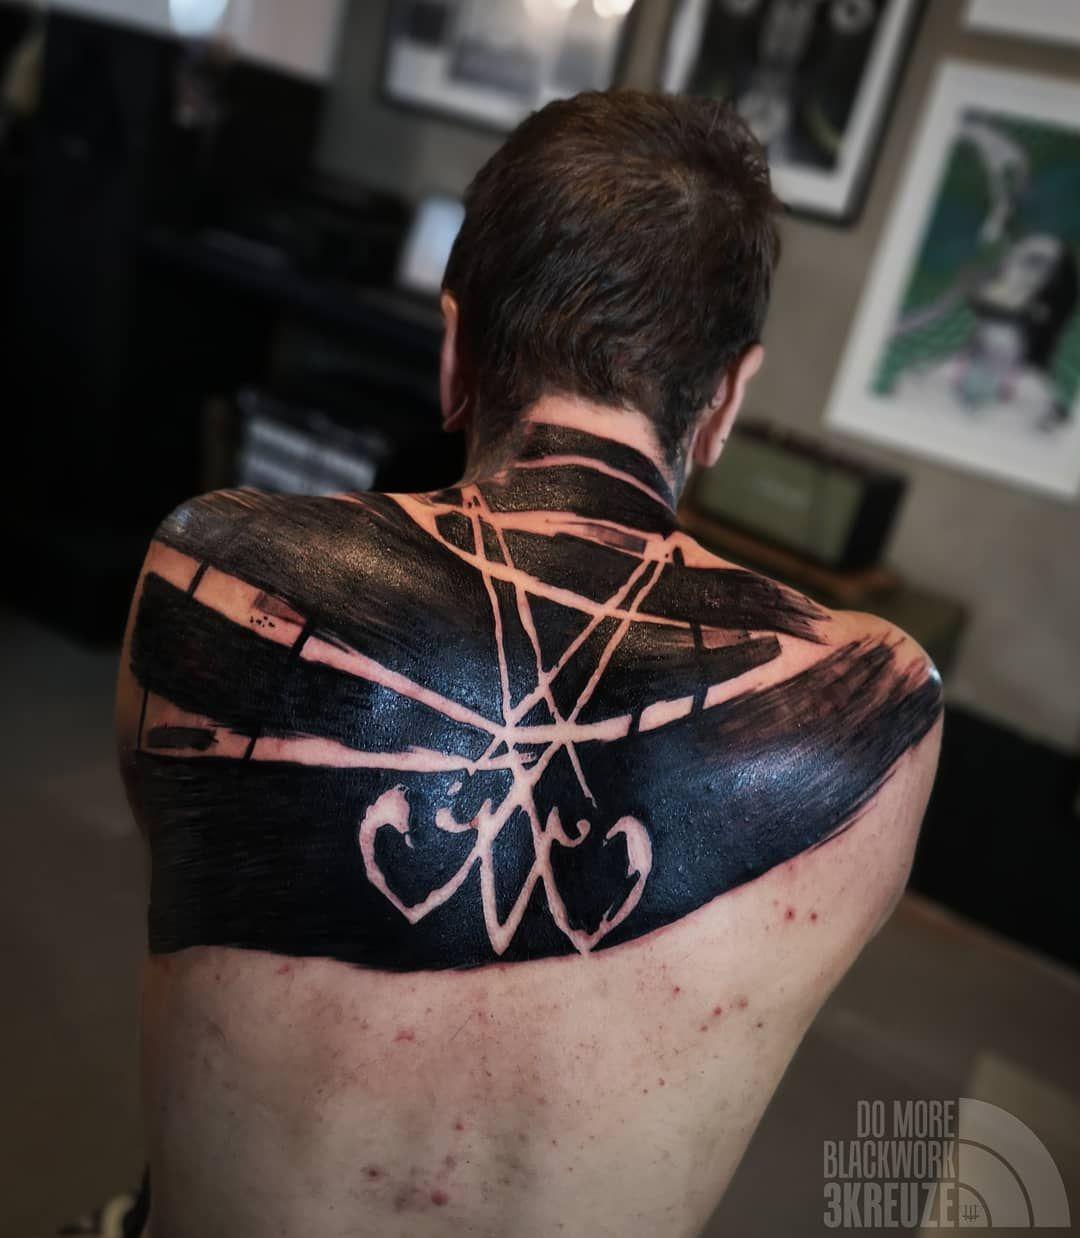 3kreuze S Brutal Heavy Abstract Blackwork Tattoo In 2020 Blackwork Tattoo Blackwork Tattoos